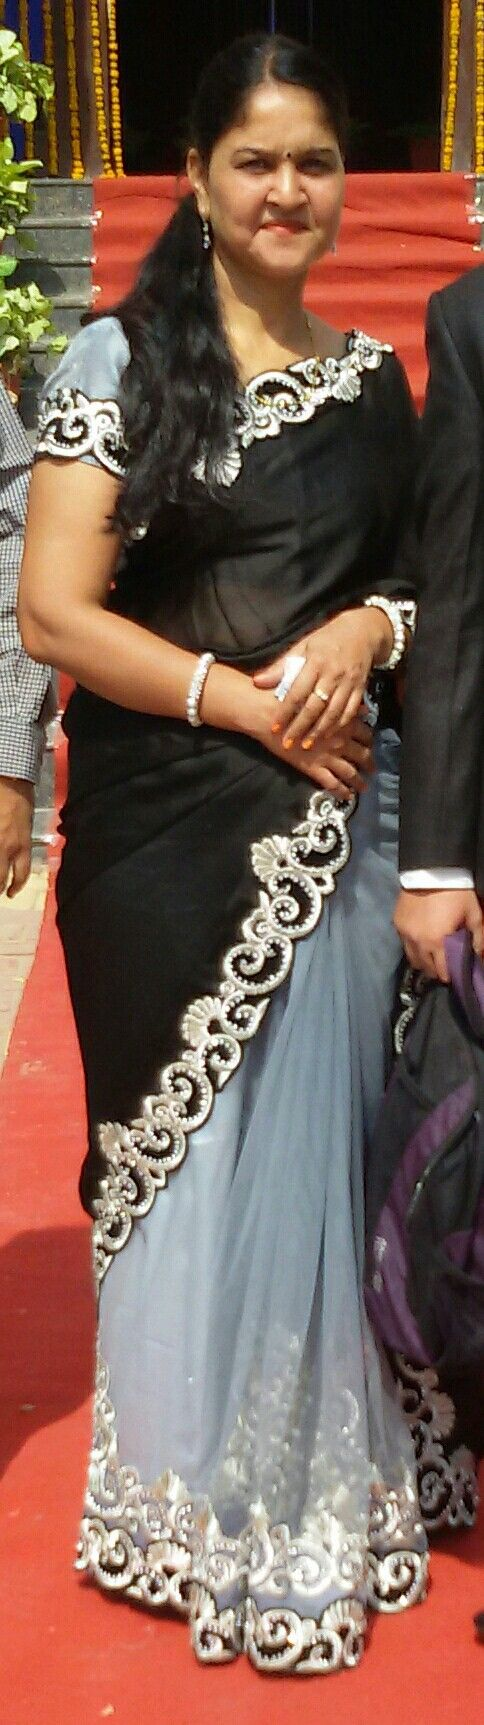 My saree